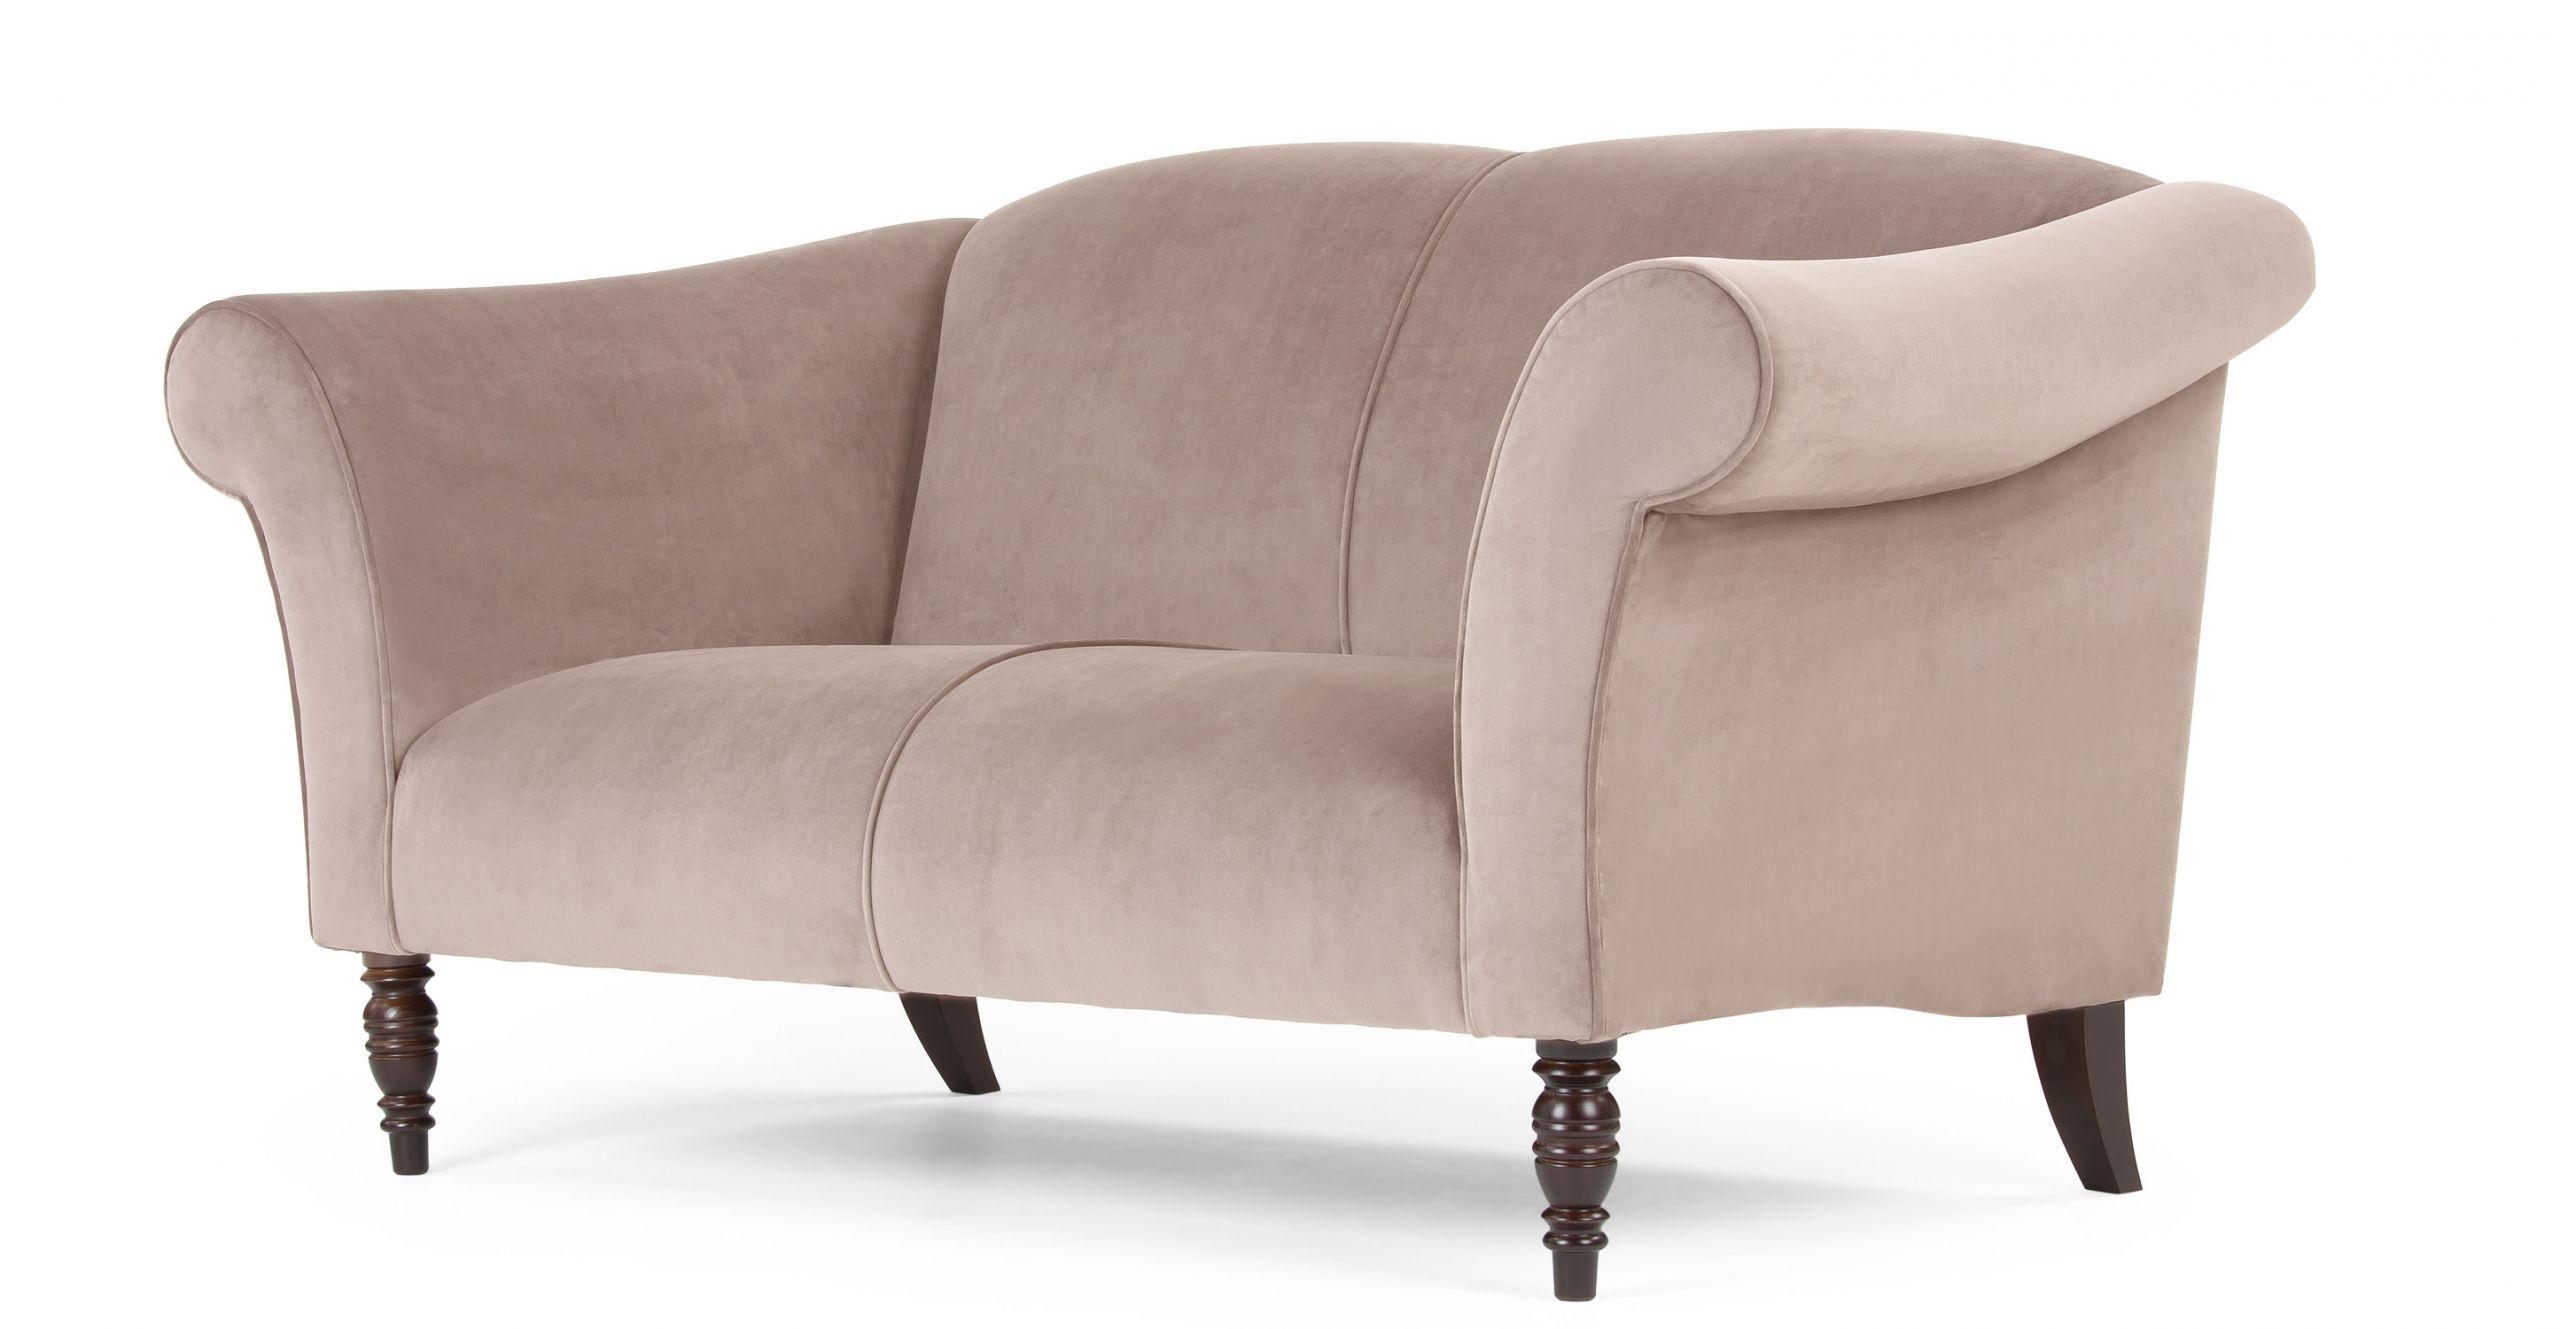 Garston canapé 2 places en velours beige fauve Le Fait